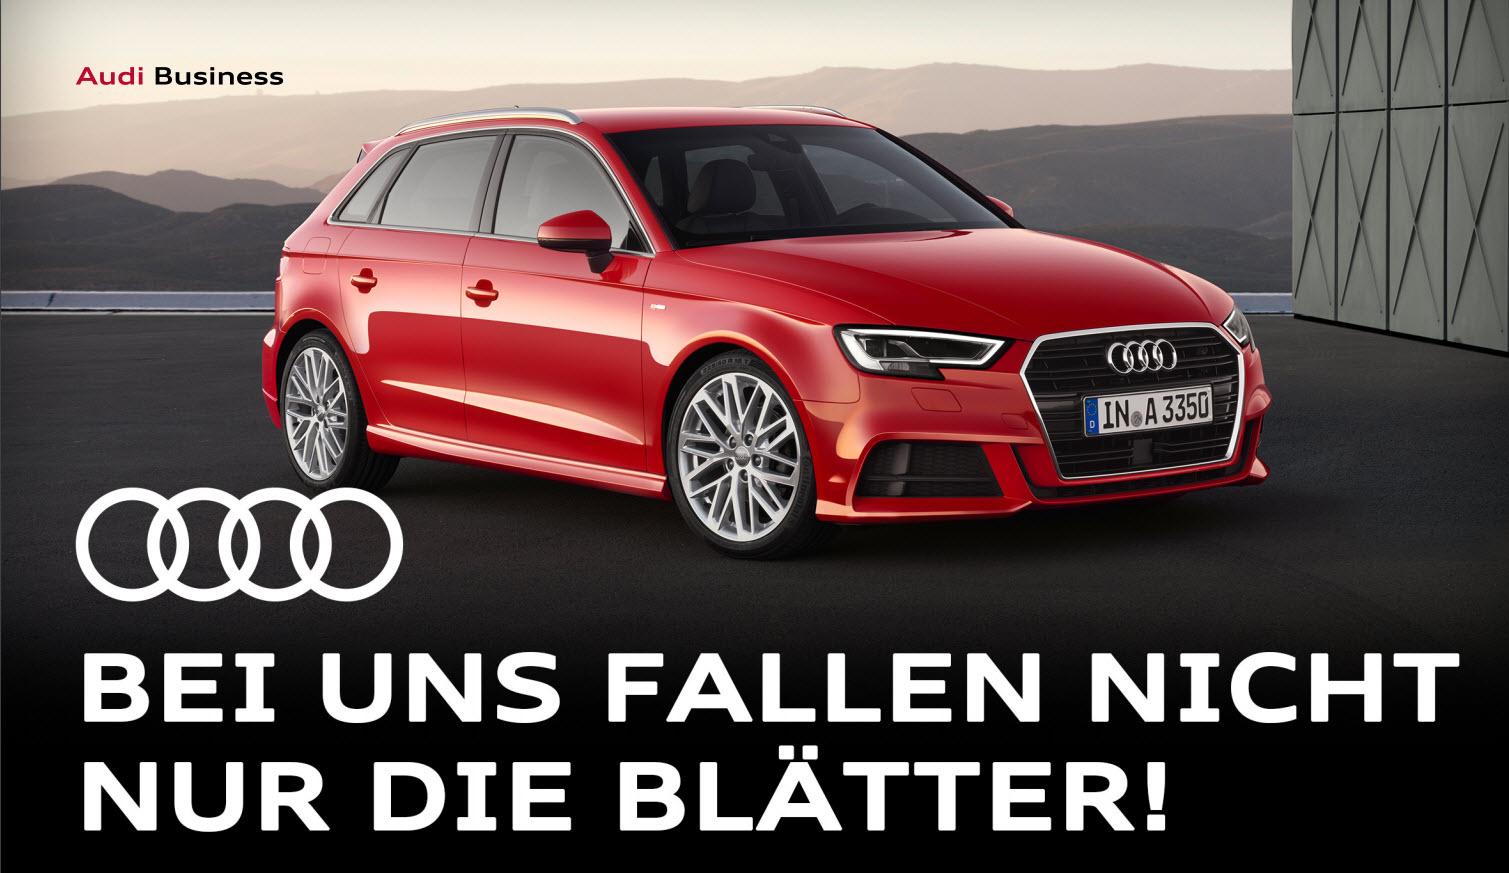 Anzeige: Audi Business - bei uns fallen nicht nur die Blätter!